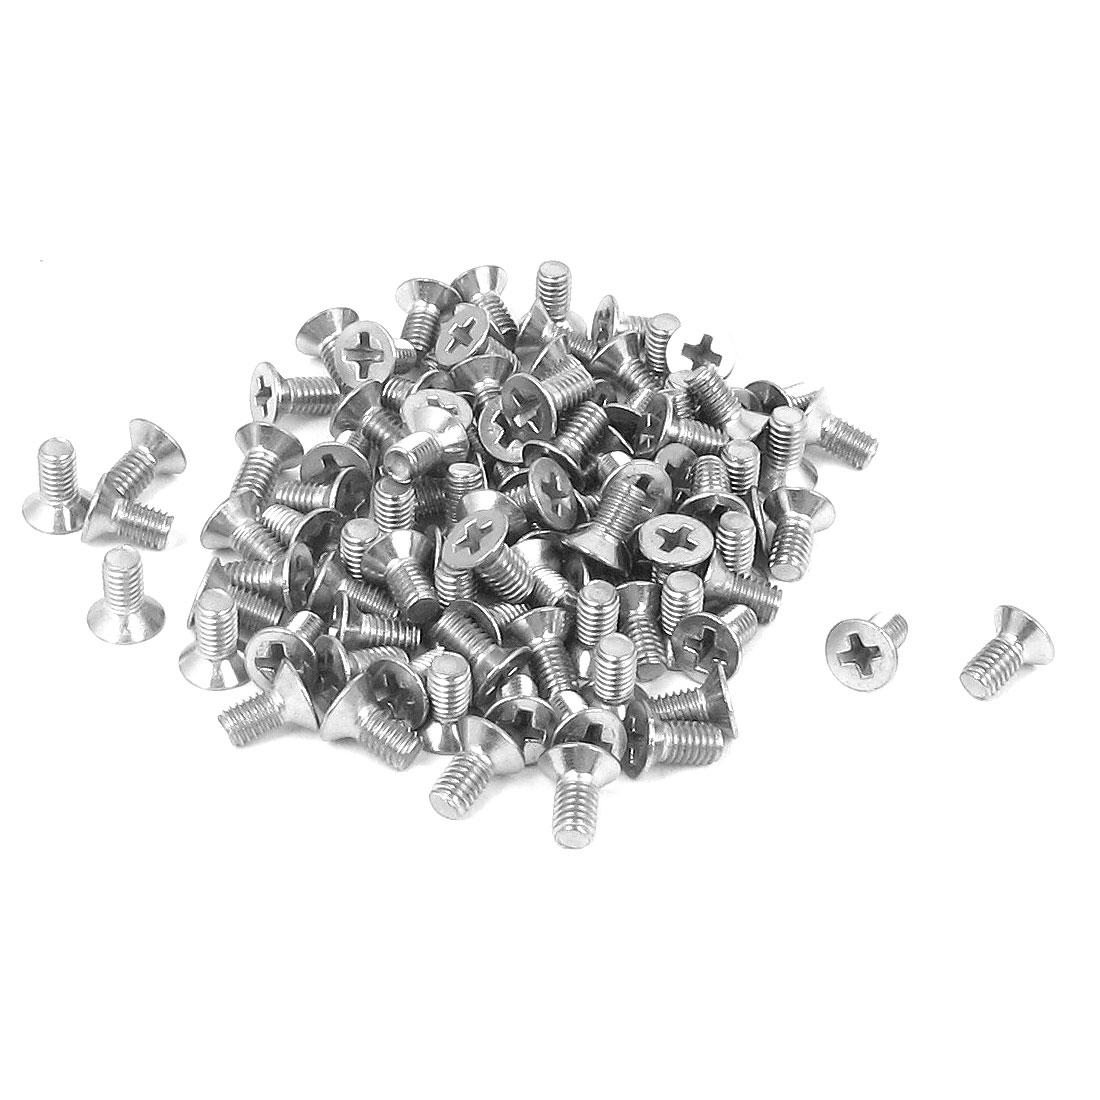 M3 x 6mm Metric Phillips Flat Head Countersunk Bolts Machine Screws 100pcs